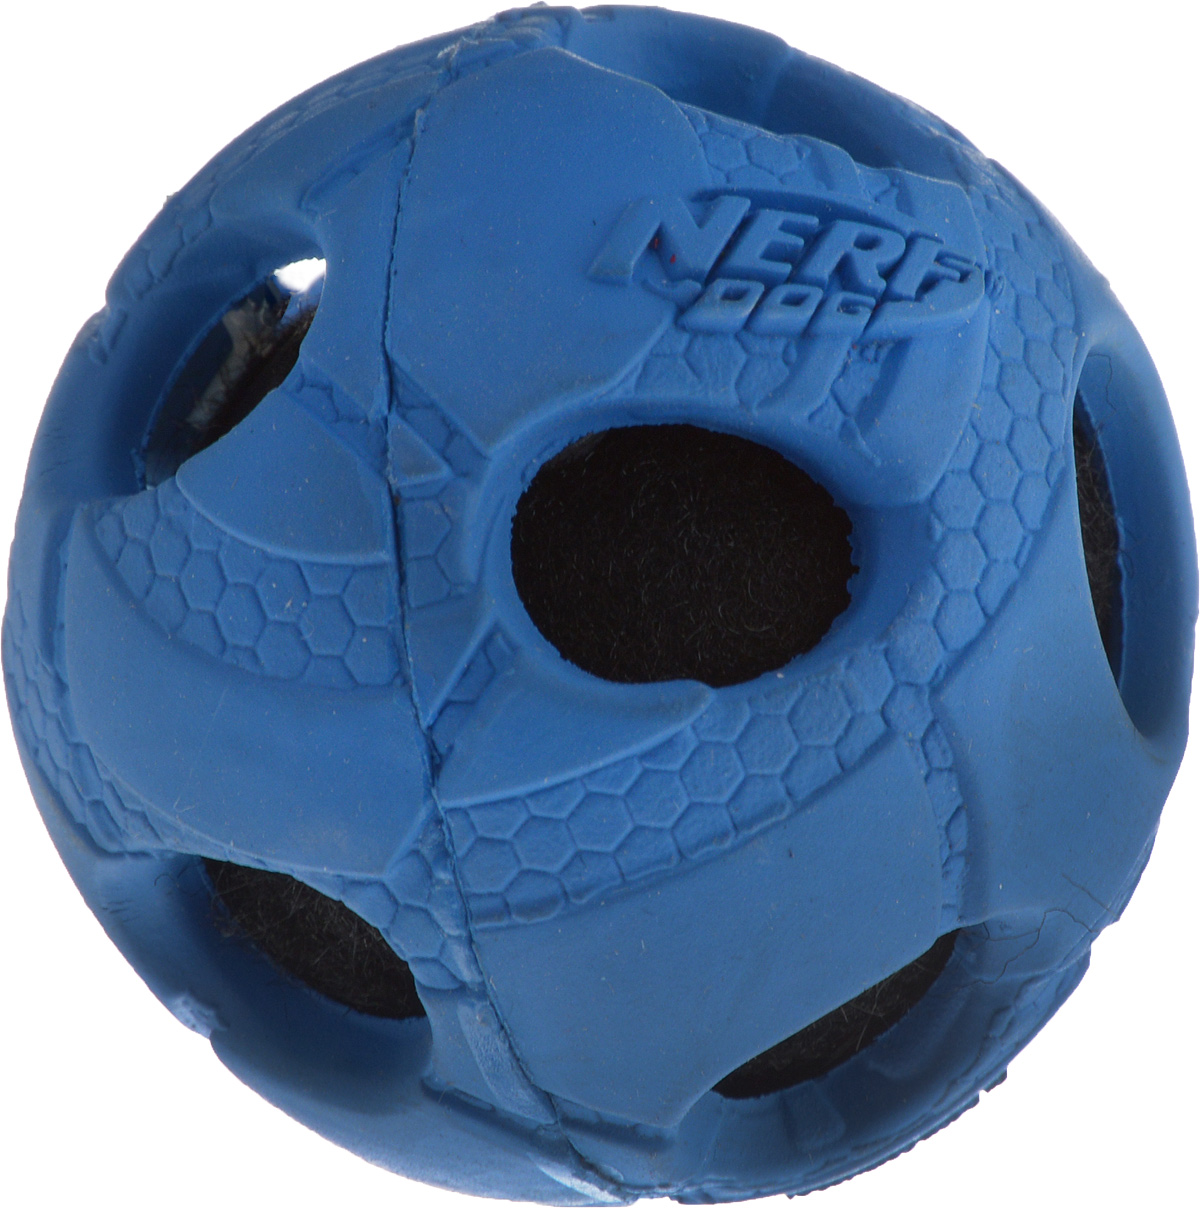 Игрушка для собак Nerf Мяч с отверстиями, диаметр 5 см20-1128Игрушка для собак Nerf Мяч с отверстиями выполнена из прочной резины с теннисным мячом внутри. Такая игрушка порадует вашего любимца, а вам доставит массу приятных эмоций, ведь наблюдать за игрой всегда интересно и приятно. Диаметр игрушки: 5 см.